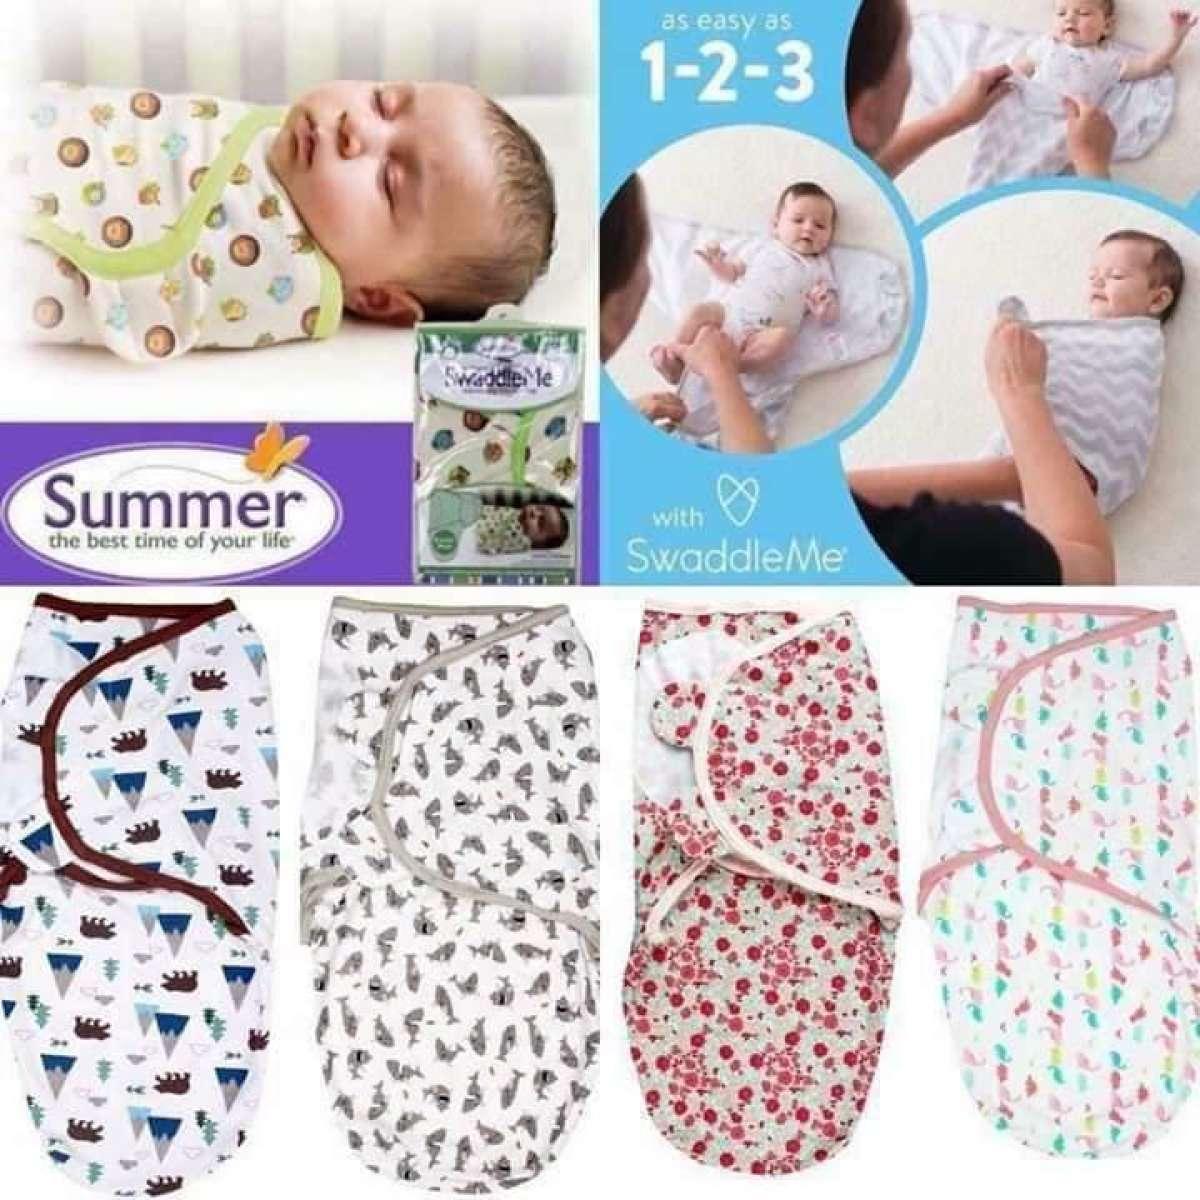 Summer SwaddleMe Adjustable Swaddle Infant Baby Wrap Blanket For Baby (Assorted Design) 0-3 Months